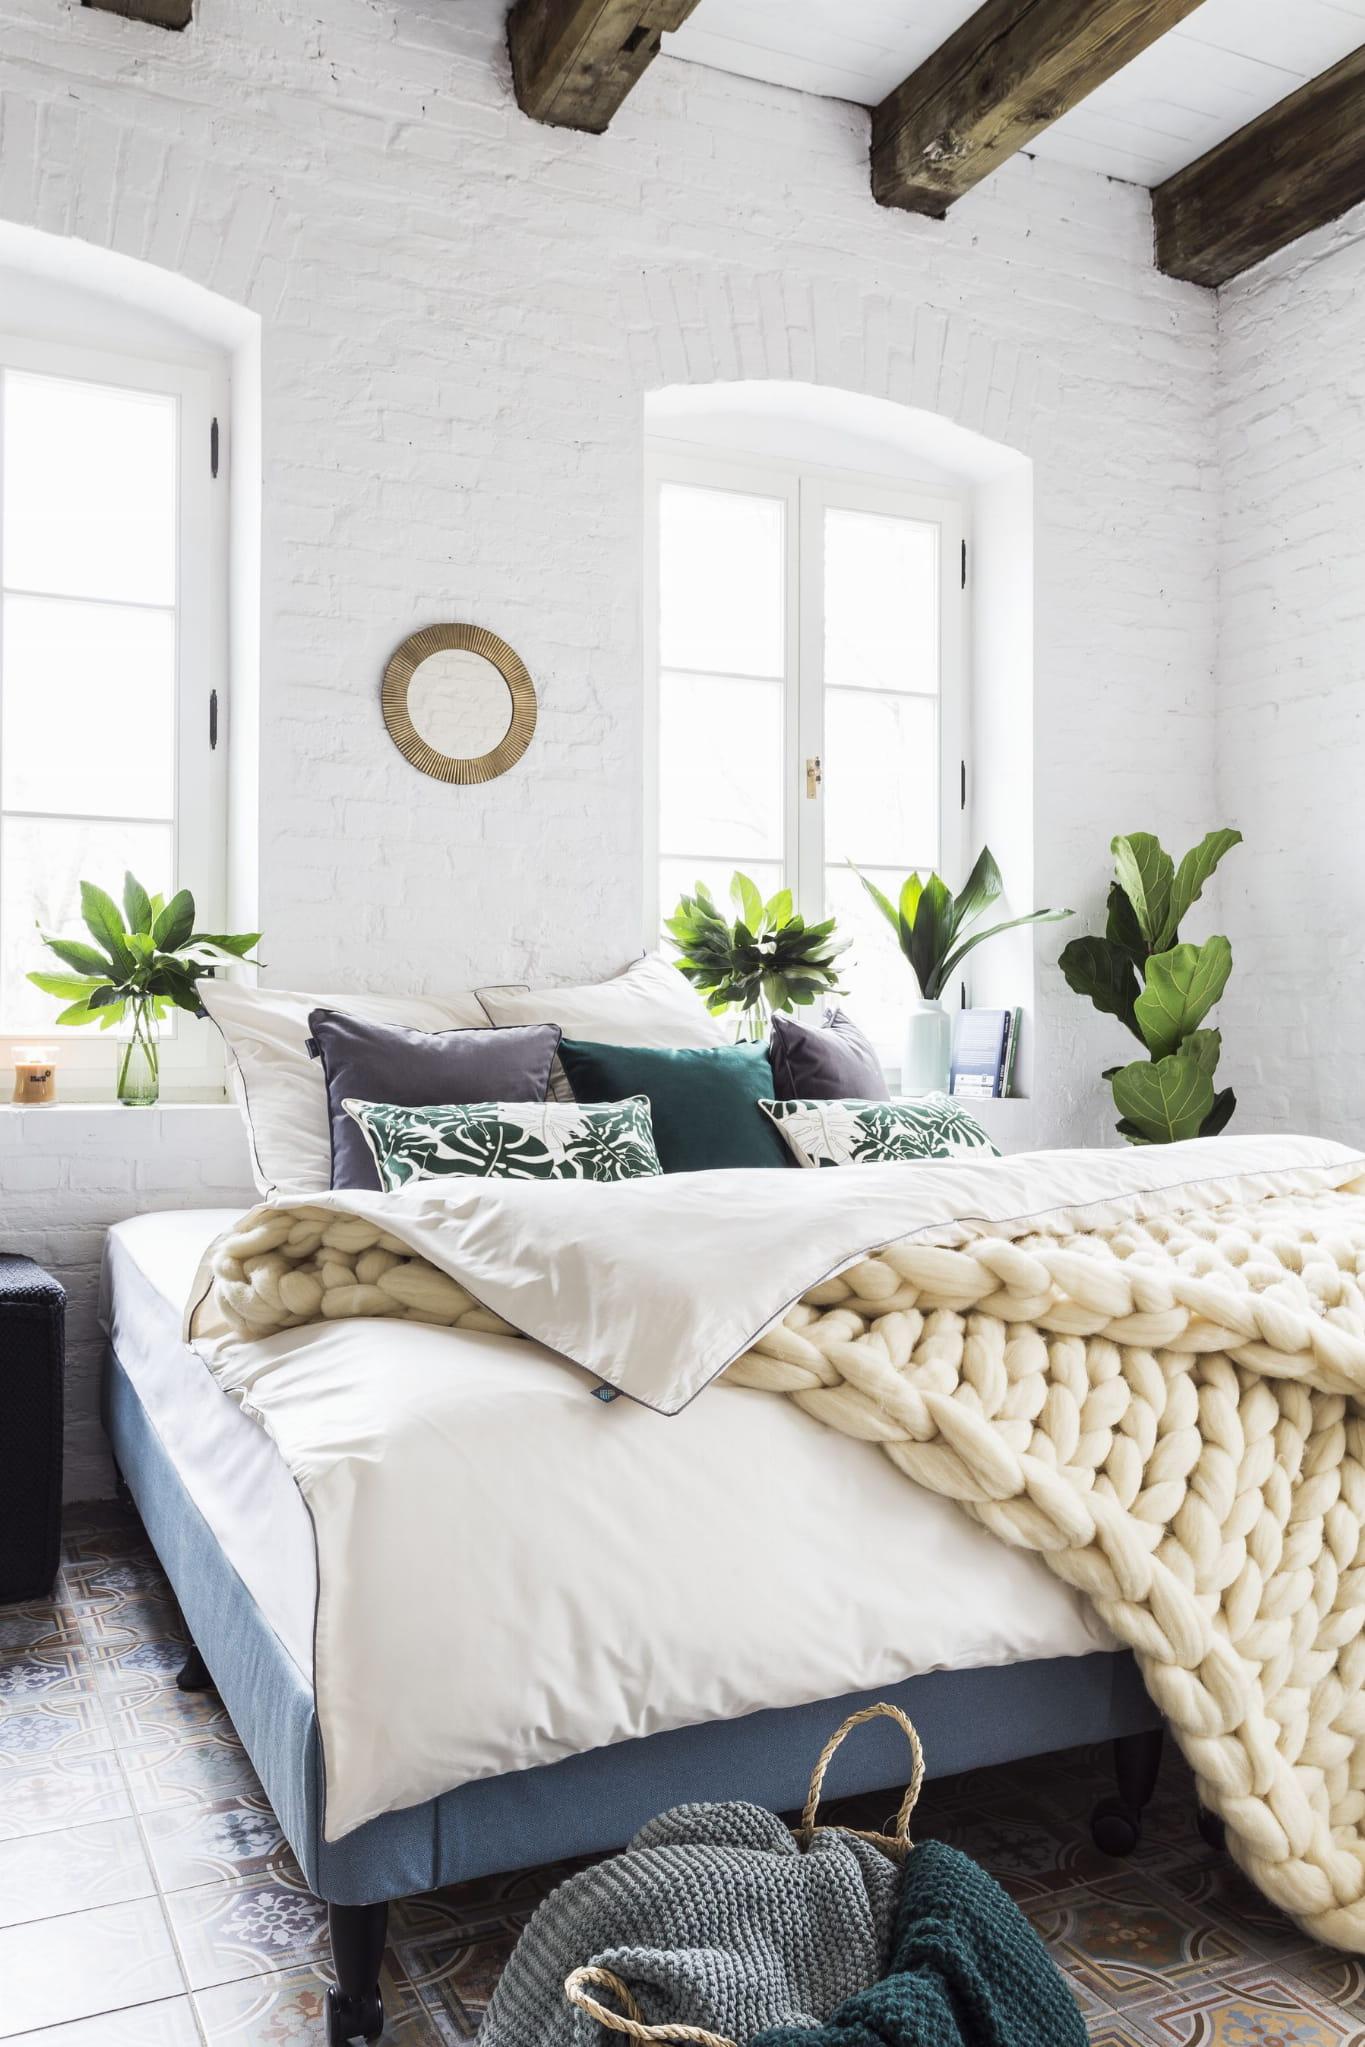 Pościel Avorio w kolorze ecru z minimalistyczną szarą lamówką. Bawełniana pościel idealnie komponuje się z dodatkami: poduszką w liście Fig Tree oraz ręcznie robionym pledem Ecru. Jako odpowiedzialny polski producent zwracamy uwagę na każdy szczegół, dlatego pościel We Love Beds jest: naturalna, wykonana w 100% bawełny egipskie mako, utkanej w Mediolanie zaprojektowana i wykonana w Polsce przez nasze doświadczone polskie krawcowe, bardzo gęsto tkana , wytrzymała, a zarazem lekka, szczególnie przyjemna i miła dla skóry, zapinana na zamek błyskawiczny specjalnie skonstruowany do pościeli ( dla lepszego komfortu użytkowania ) japońskiej marki YKK z dożywotnią gwarancją* w identycznym kolorze Pantone co bawełna uszyta nićmi światowego lidera, identycznymi w kolorze Pantone co bawełna wykończona ozdobną bizą - lamówką w kolorze szarym, charakterystycznym dla naszej marki pakowana w eleganckie prezentowe pudełko Pościel nie obejmuje wypełnienia *dożywotnia gwarancja zamka – wymienimy zamek n